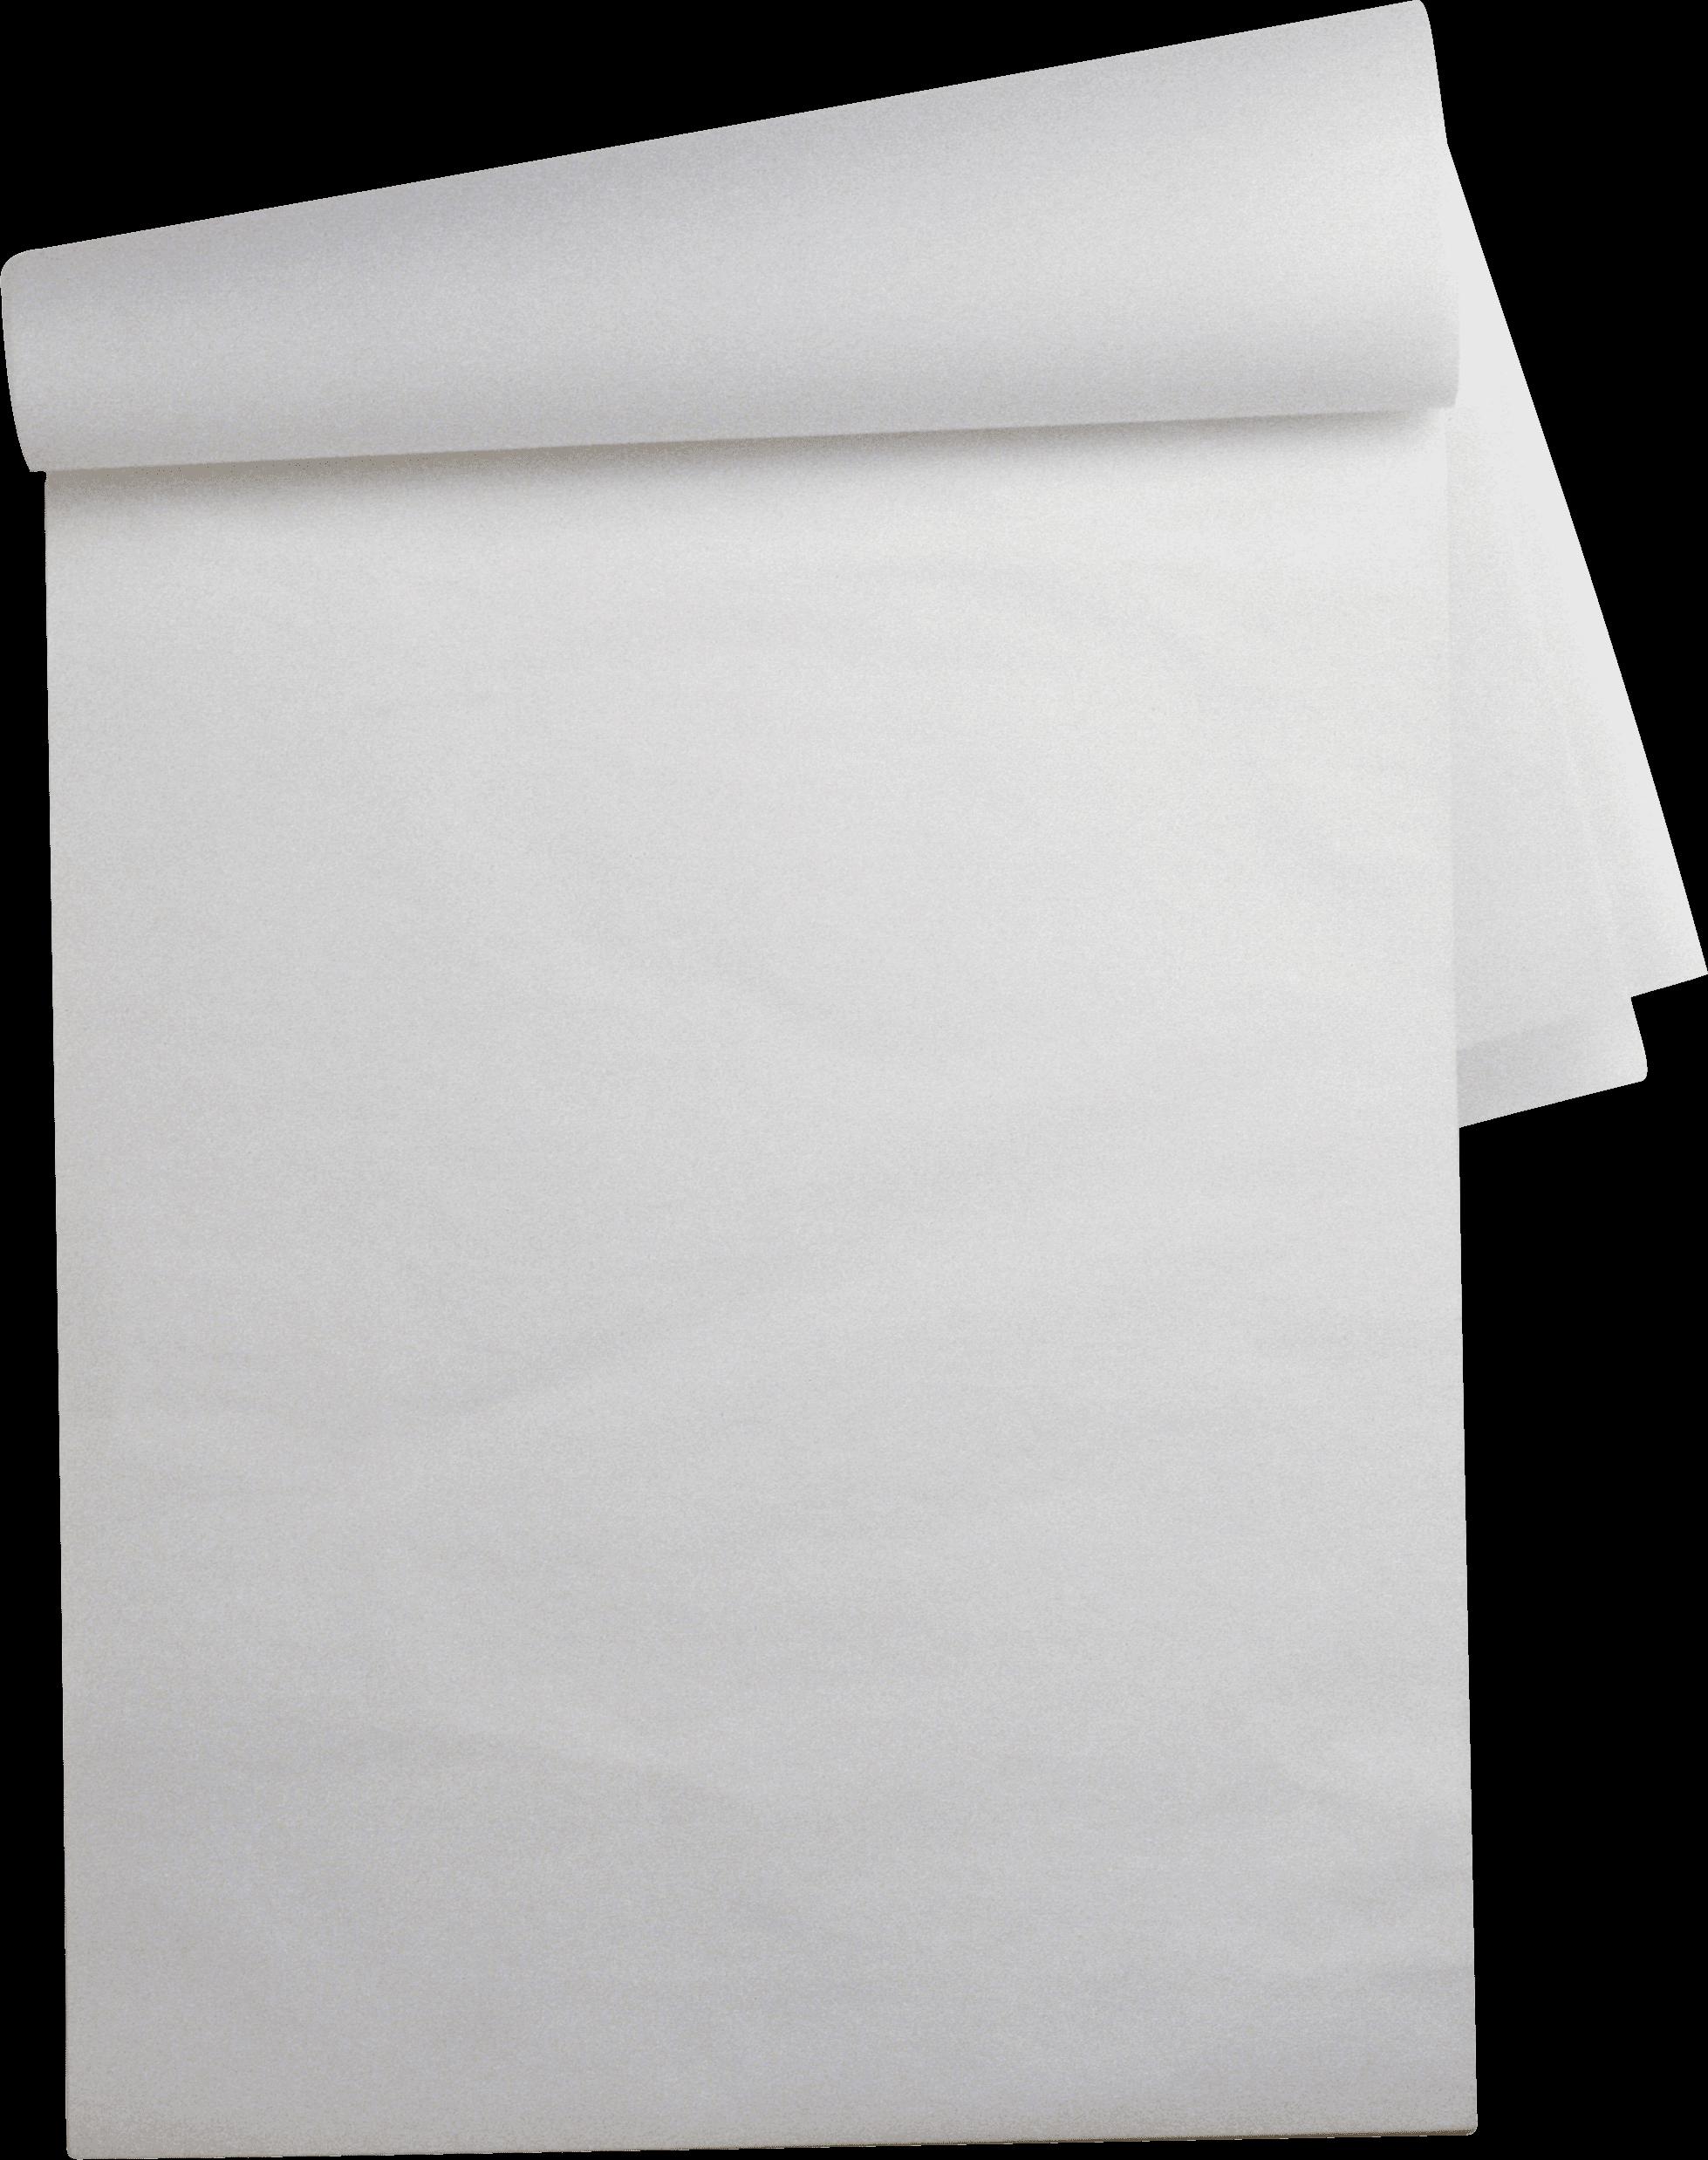 Картинки листа бумаги, открытки днем